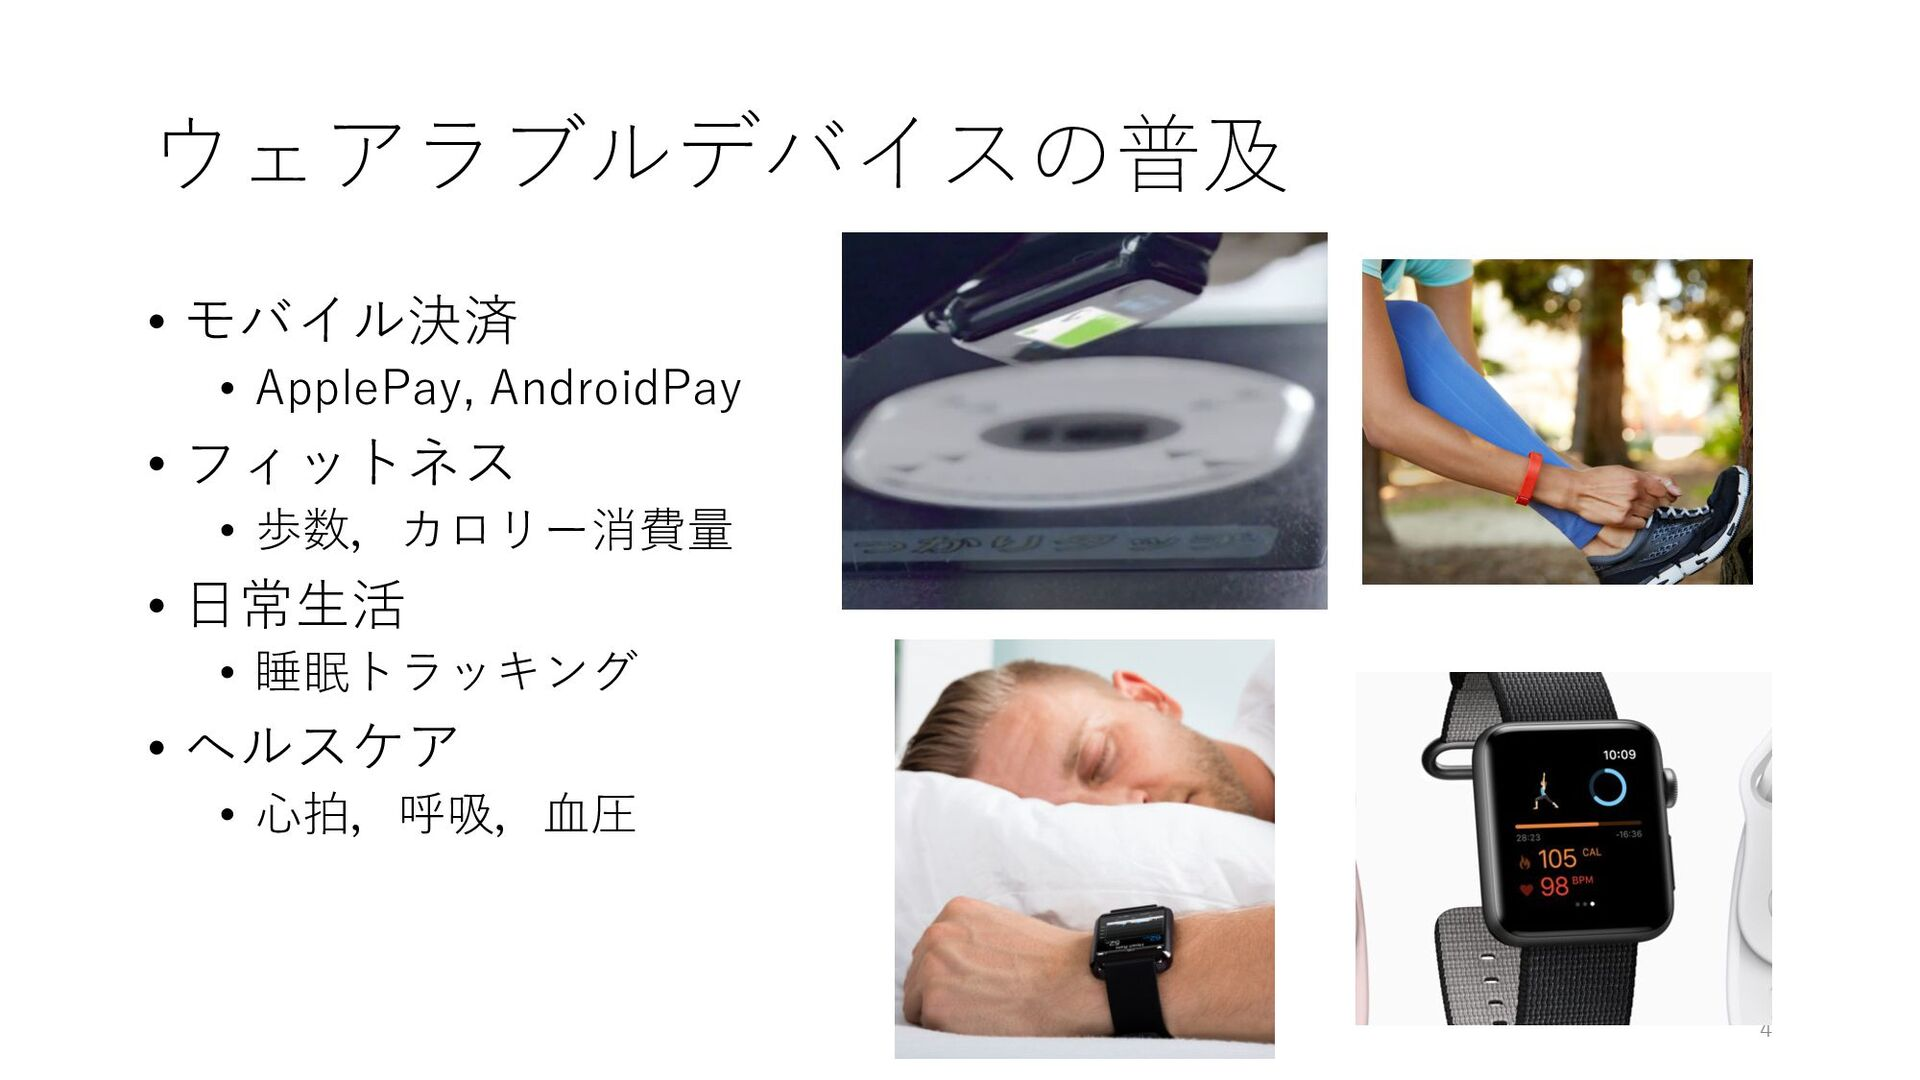 ウェアラブルデバイスの普及 • モバイル決済 • ApplePay, AndroidPay •...